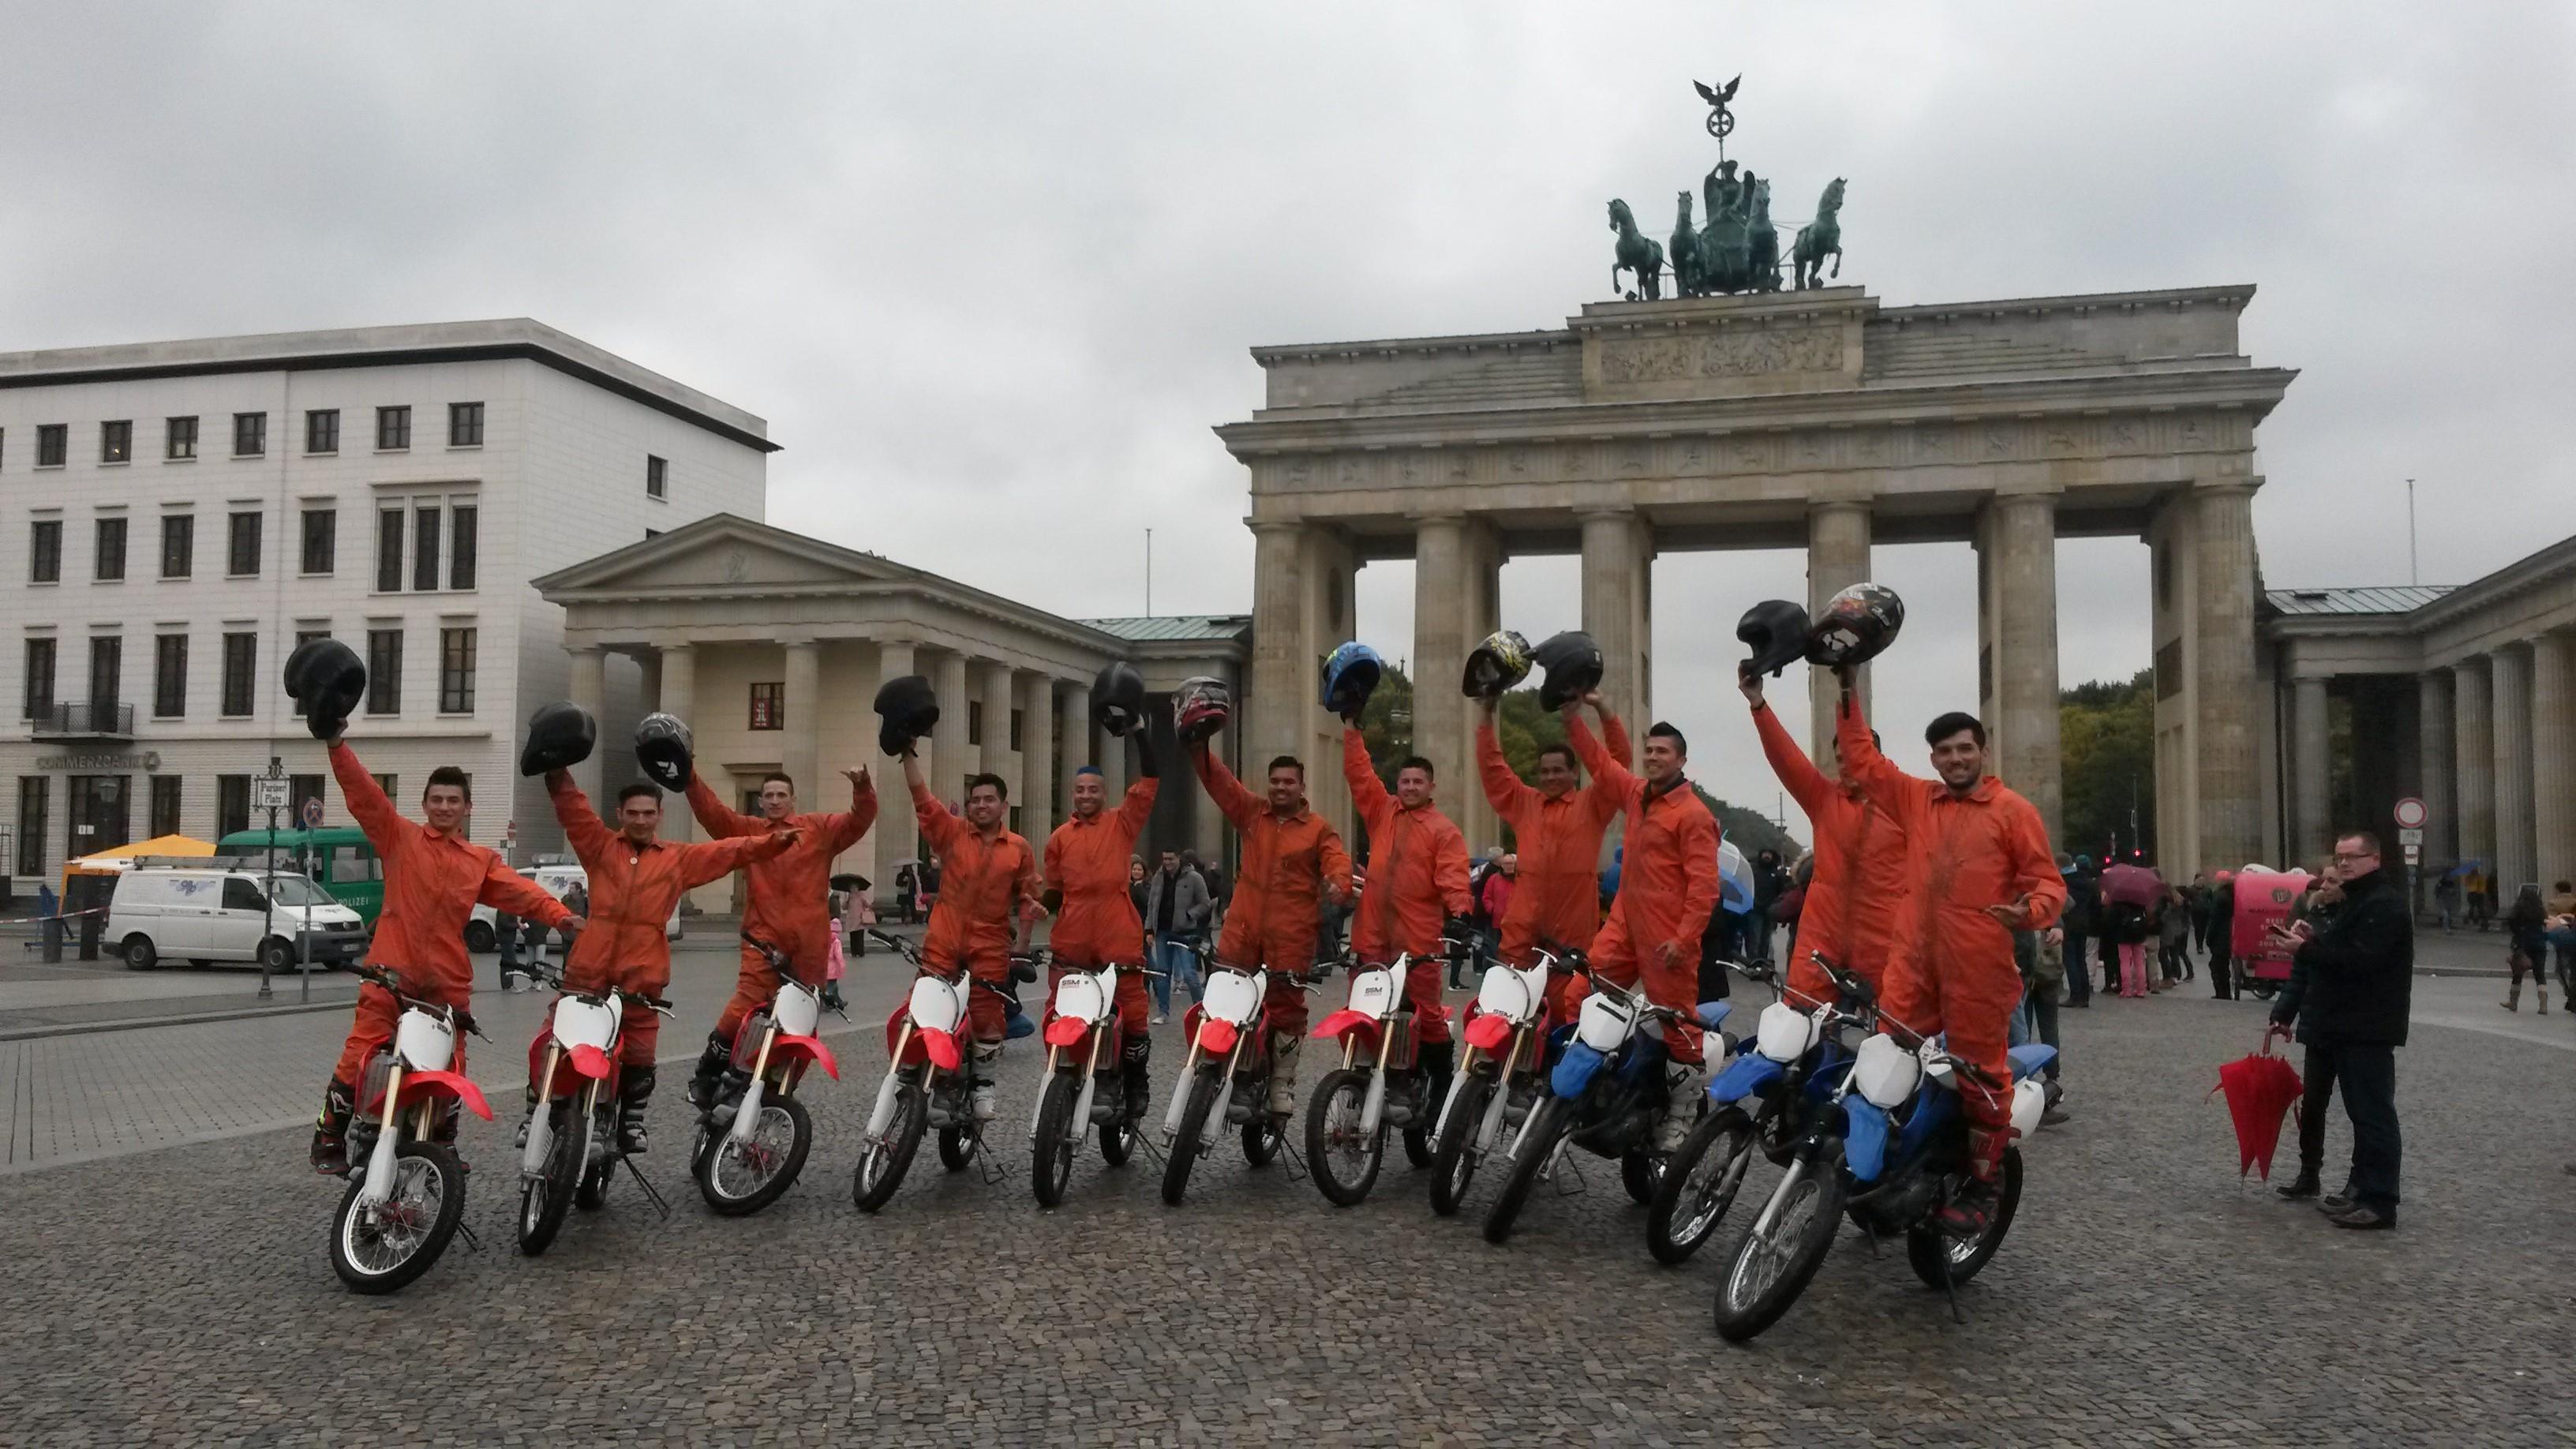 """Anlässlich des Gastspiels in Berlin lud Circus """"Flic Flac"""" am Donnerstag zum Pressemeeting in den Großen Wintergarten des Hotels Adlon Kempinski ein. Beim gemütlichen Smalltalk wurde die brandneue Show vorgestellt. Im Anschluss posierten die Motocross-Artisten für's Foto vor dem Brandenburger Tor. DER NEUE WELTREKORD KOMMT NACH BERLIN! Während des Berlin-Gastspiels werden die Fahrer den neuen Guinness-Rekord mit elf (!) Bikes im """"Globe of Speed"""" aufstellen. Foto: Mononna Ciccone"""